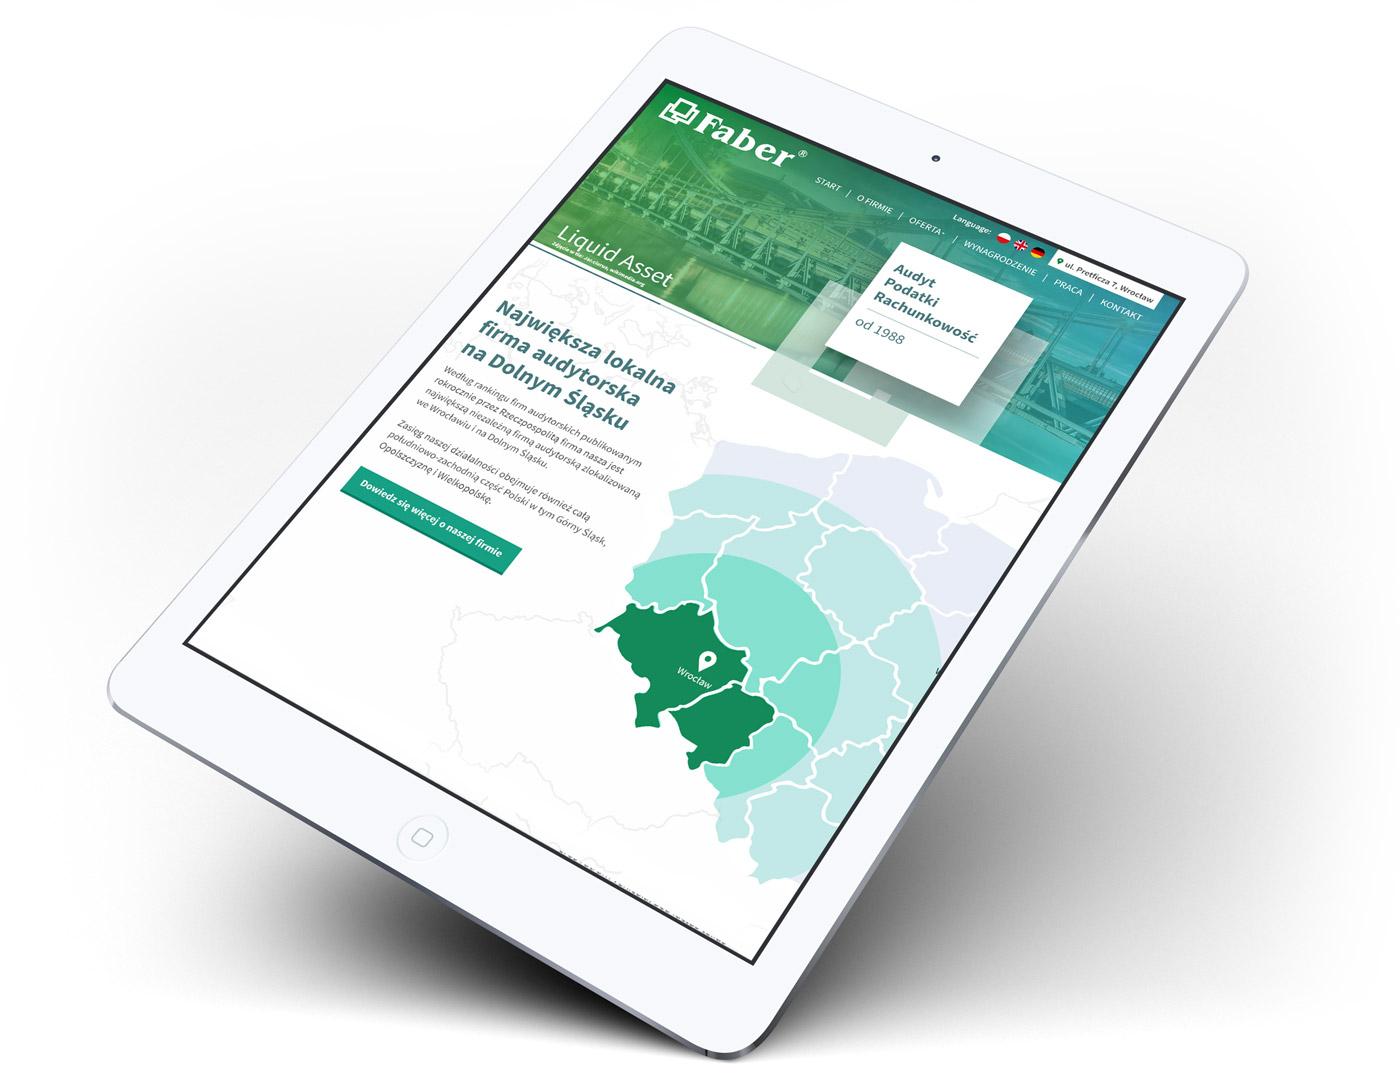 Faber - responsywna strona www w RWD, webdesign finanse